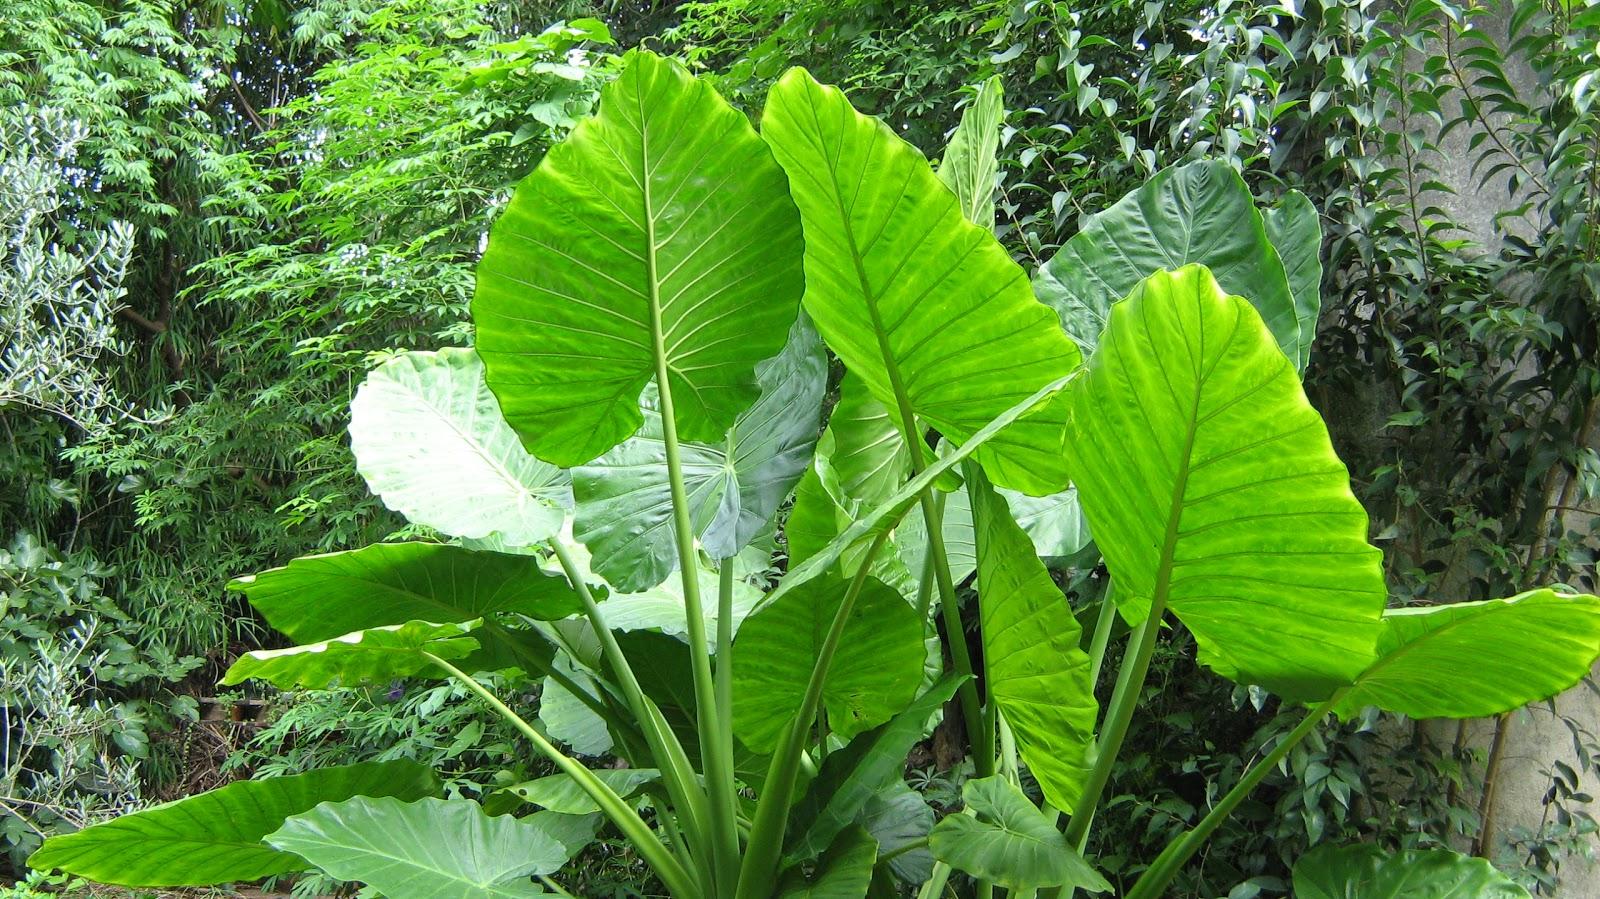 Orejas de elefante plantas de tigre for Planta ornamental oreja de elefante